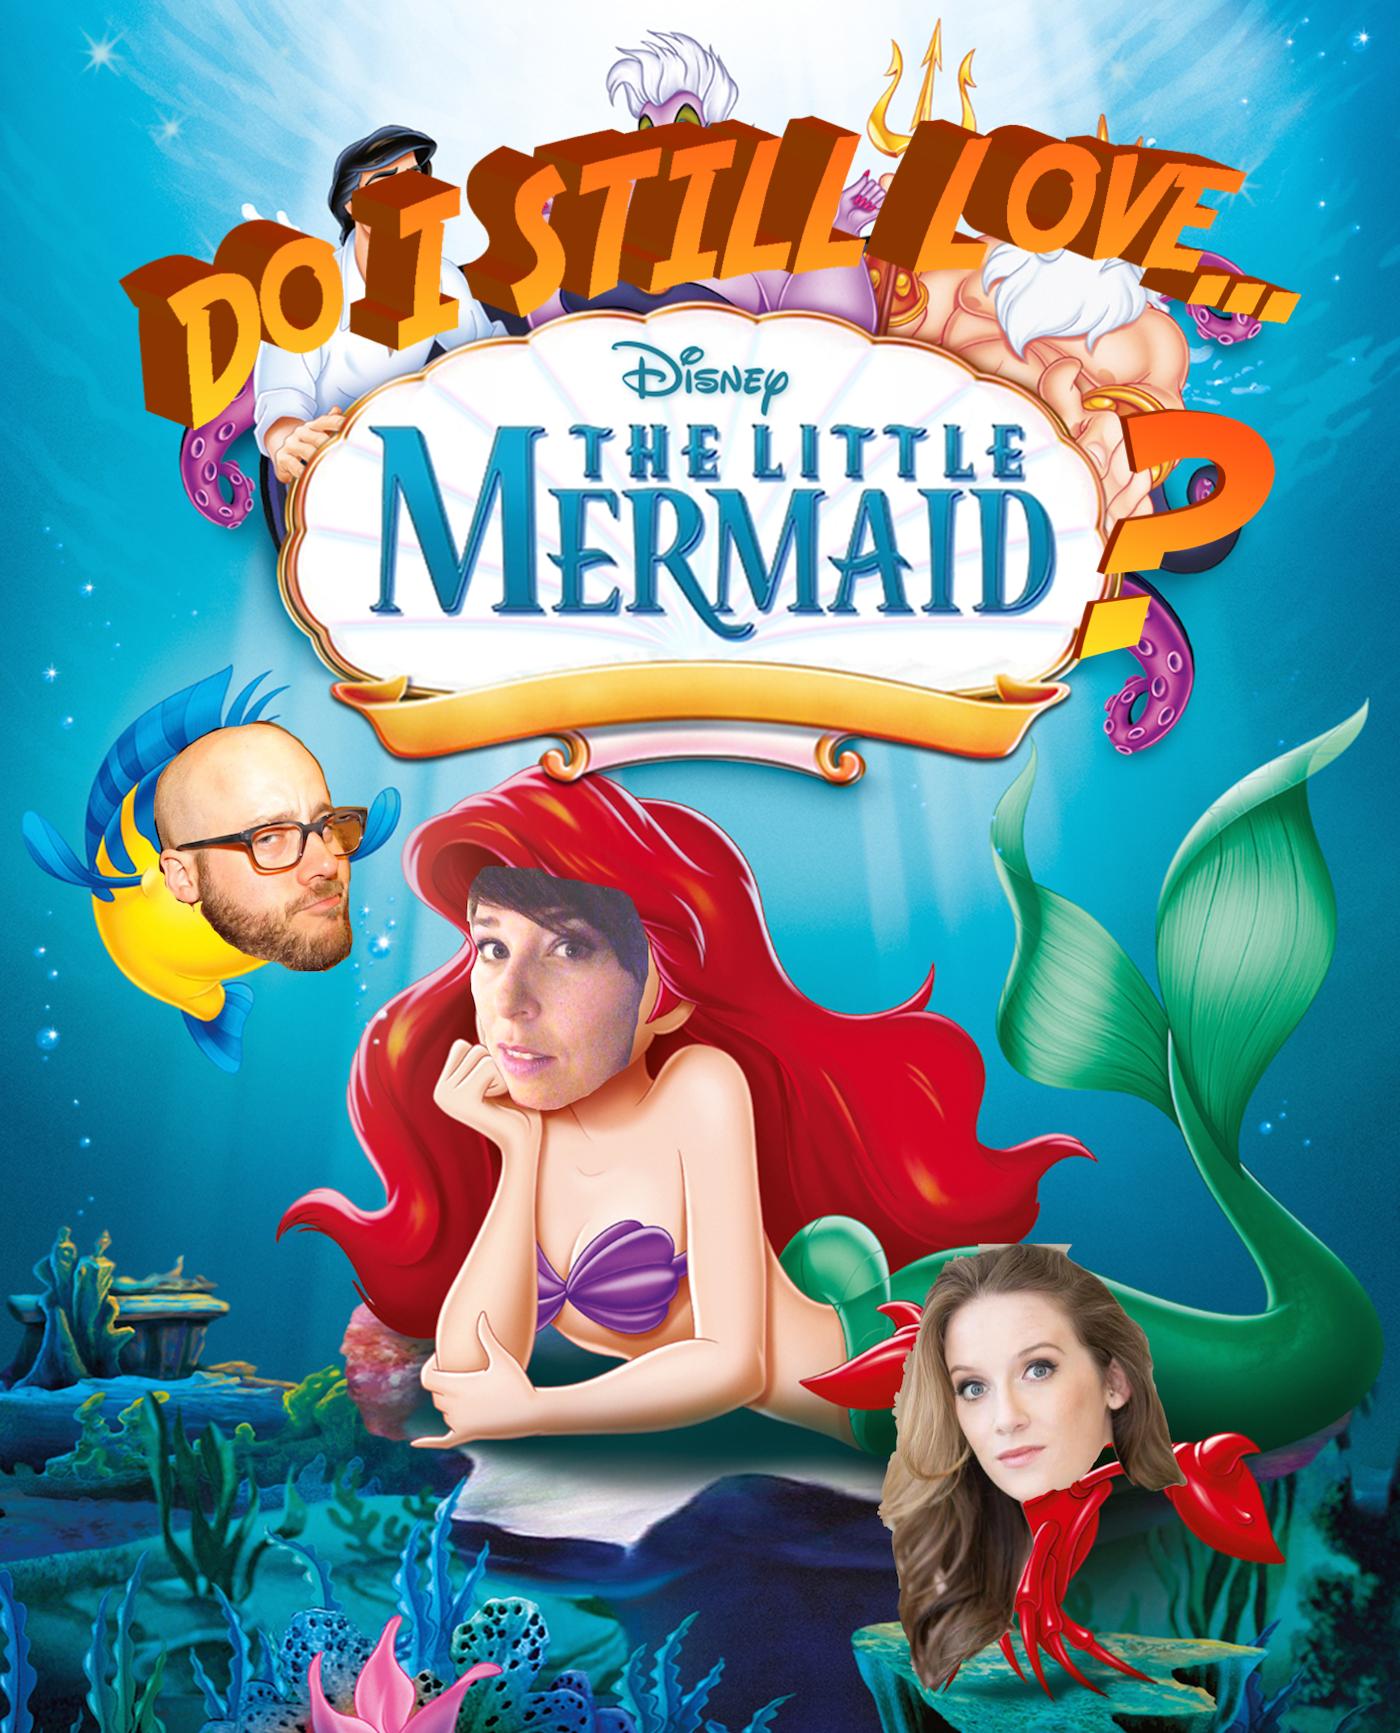 Do I Still Love the Little Mermaid?